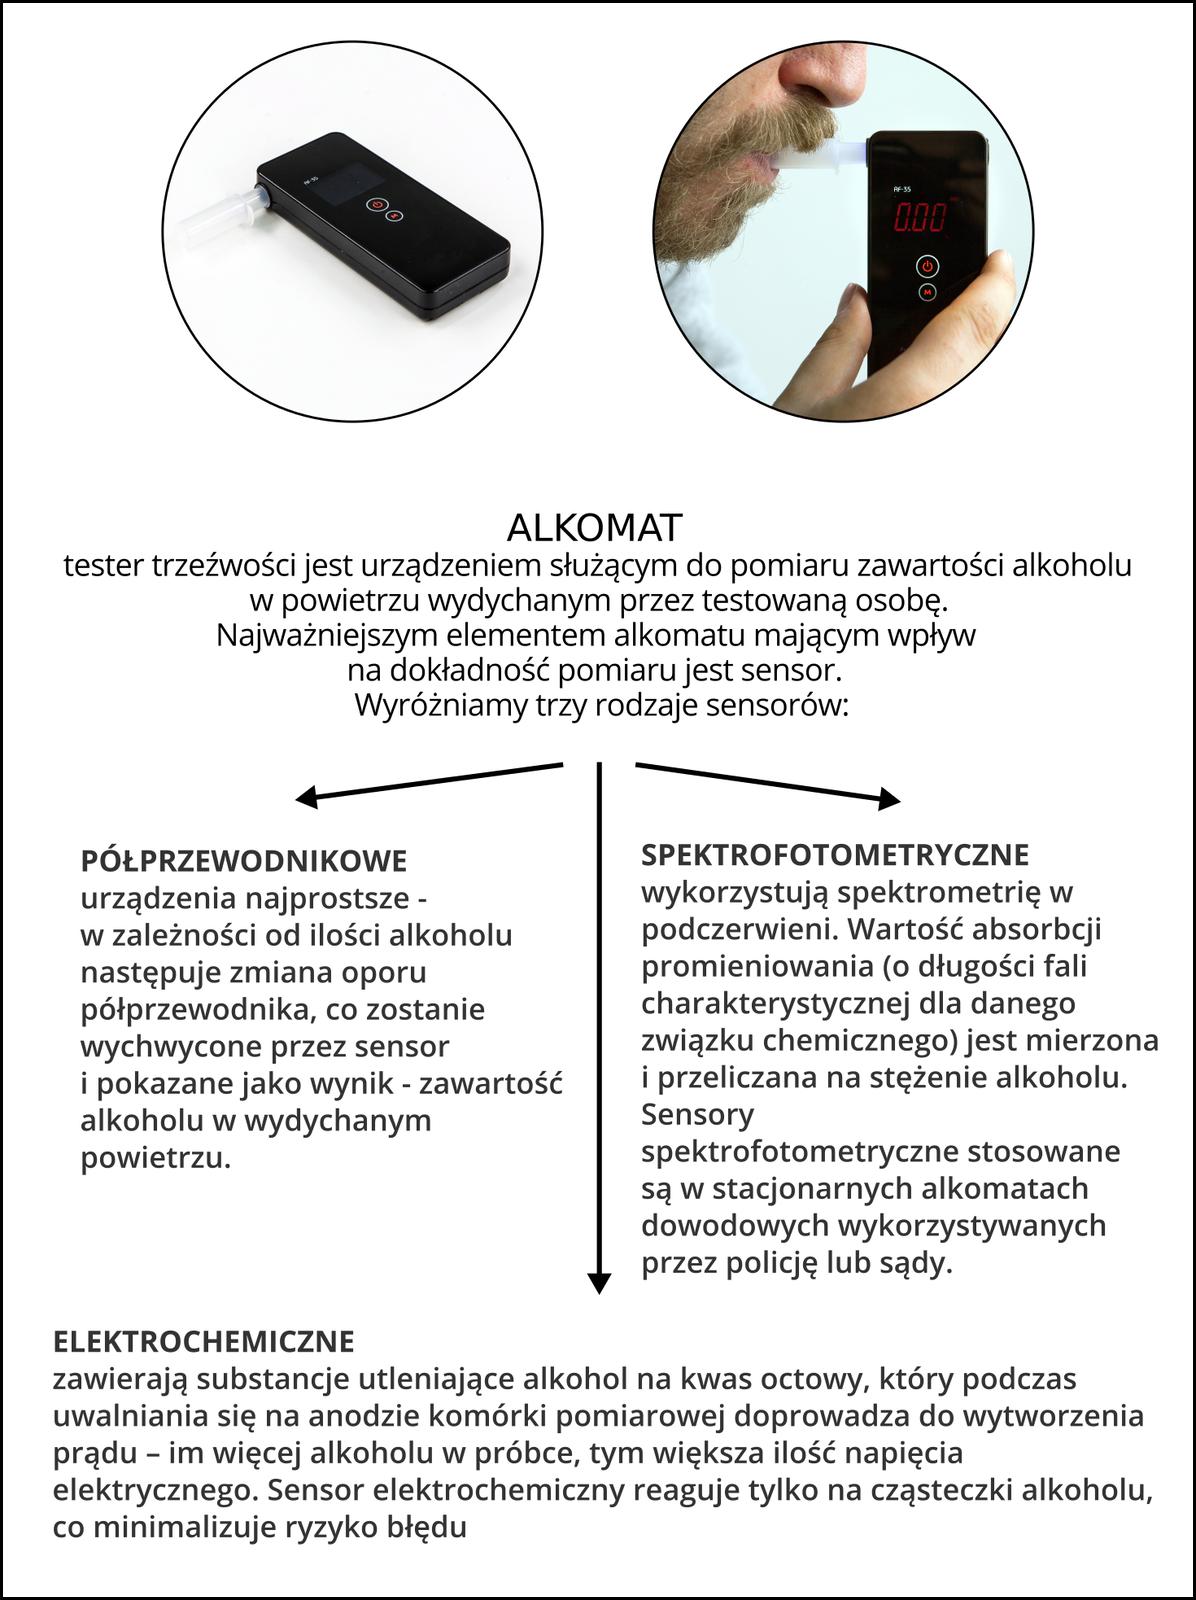 Infografika przedstawiająca jak działa alkomat służący do wykrywania alkoholu wwydychanym powietrzu.